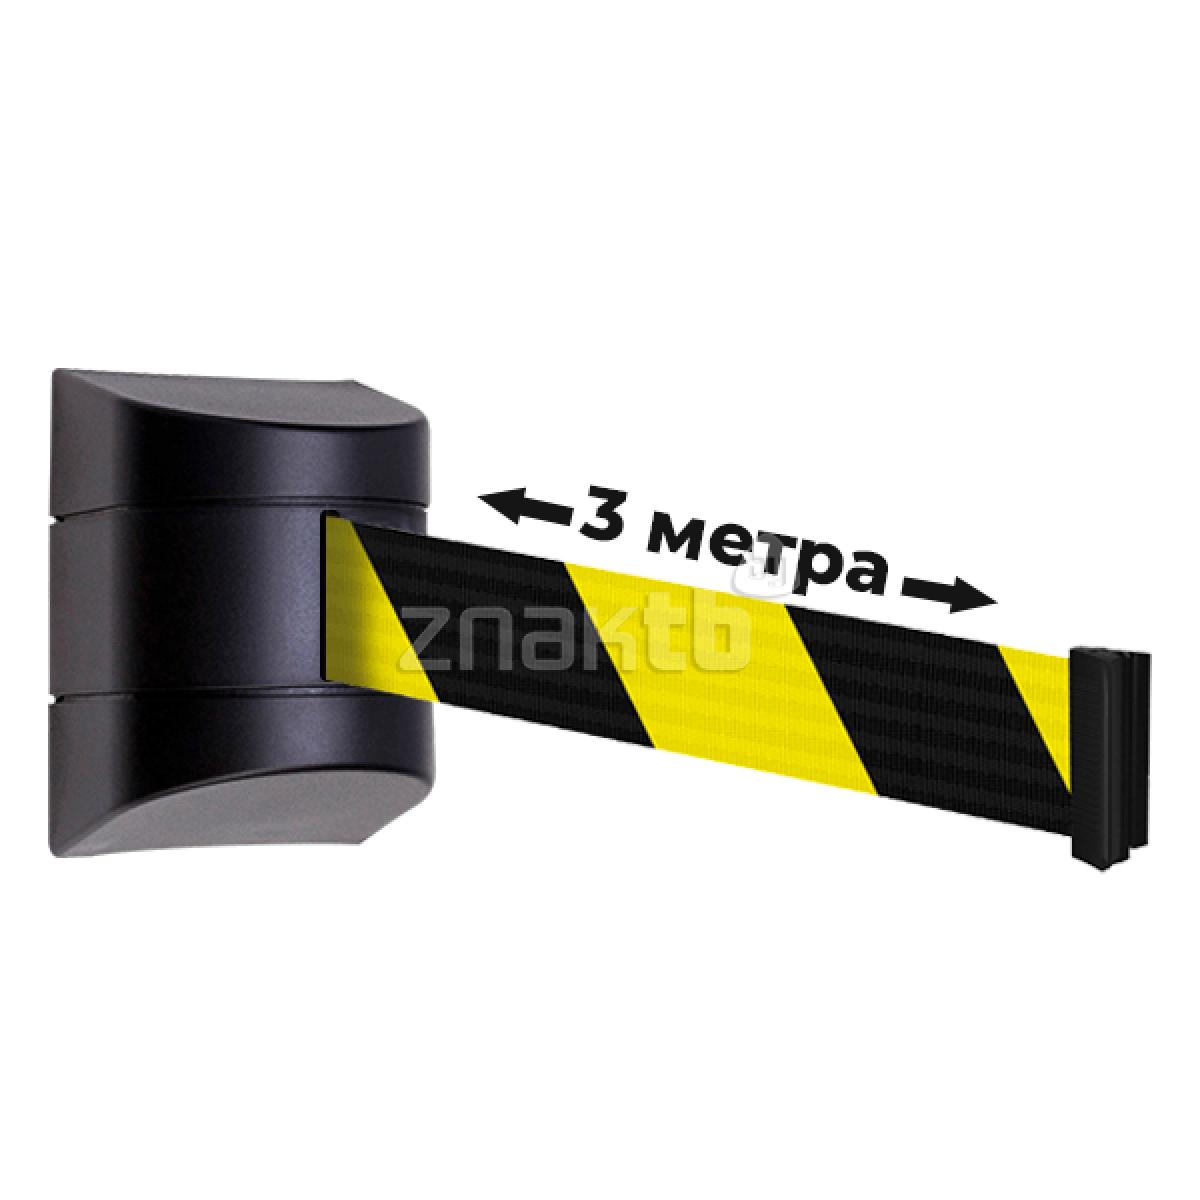 Настенный блок пластиковый черный с черно-желтой лентой 3 метра